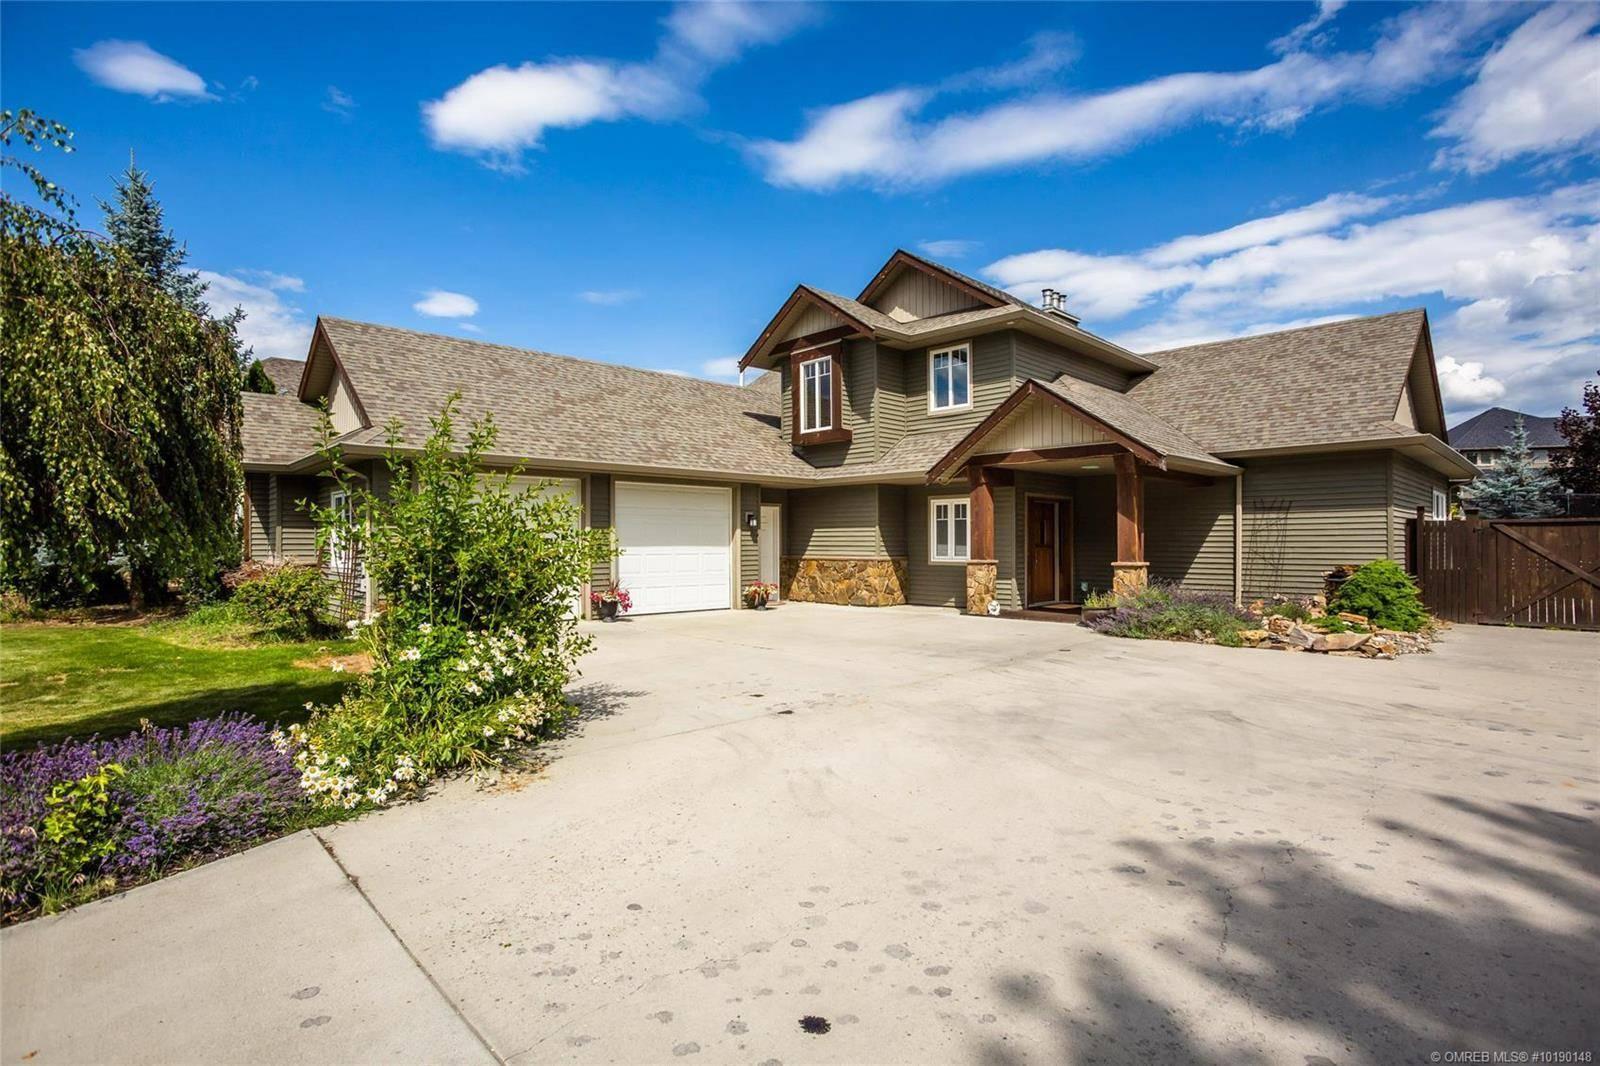 House for sale at 5185 Lark St Kelowna British Columbia - MLS: 10190148